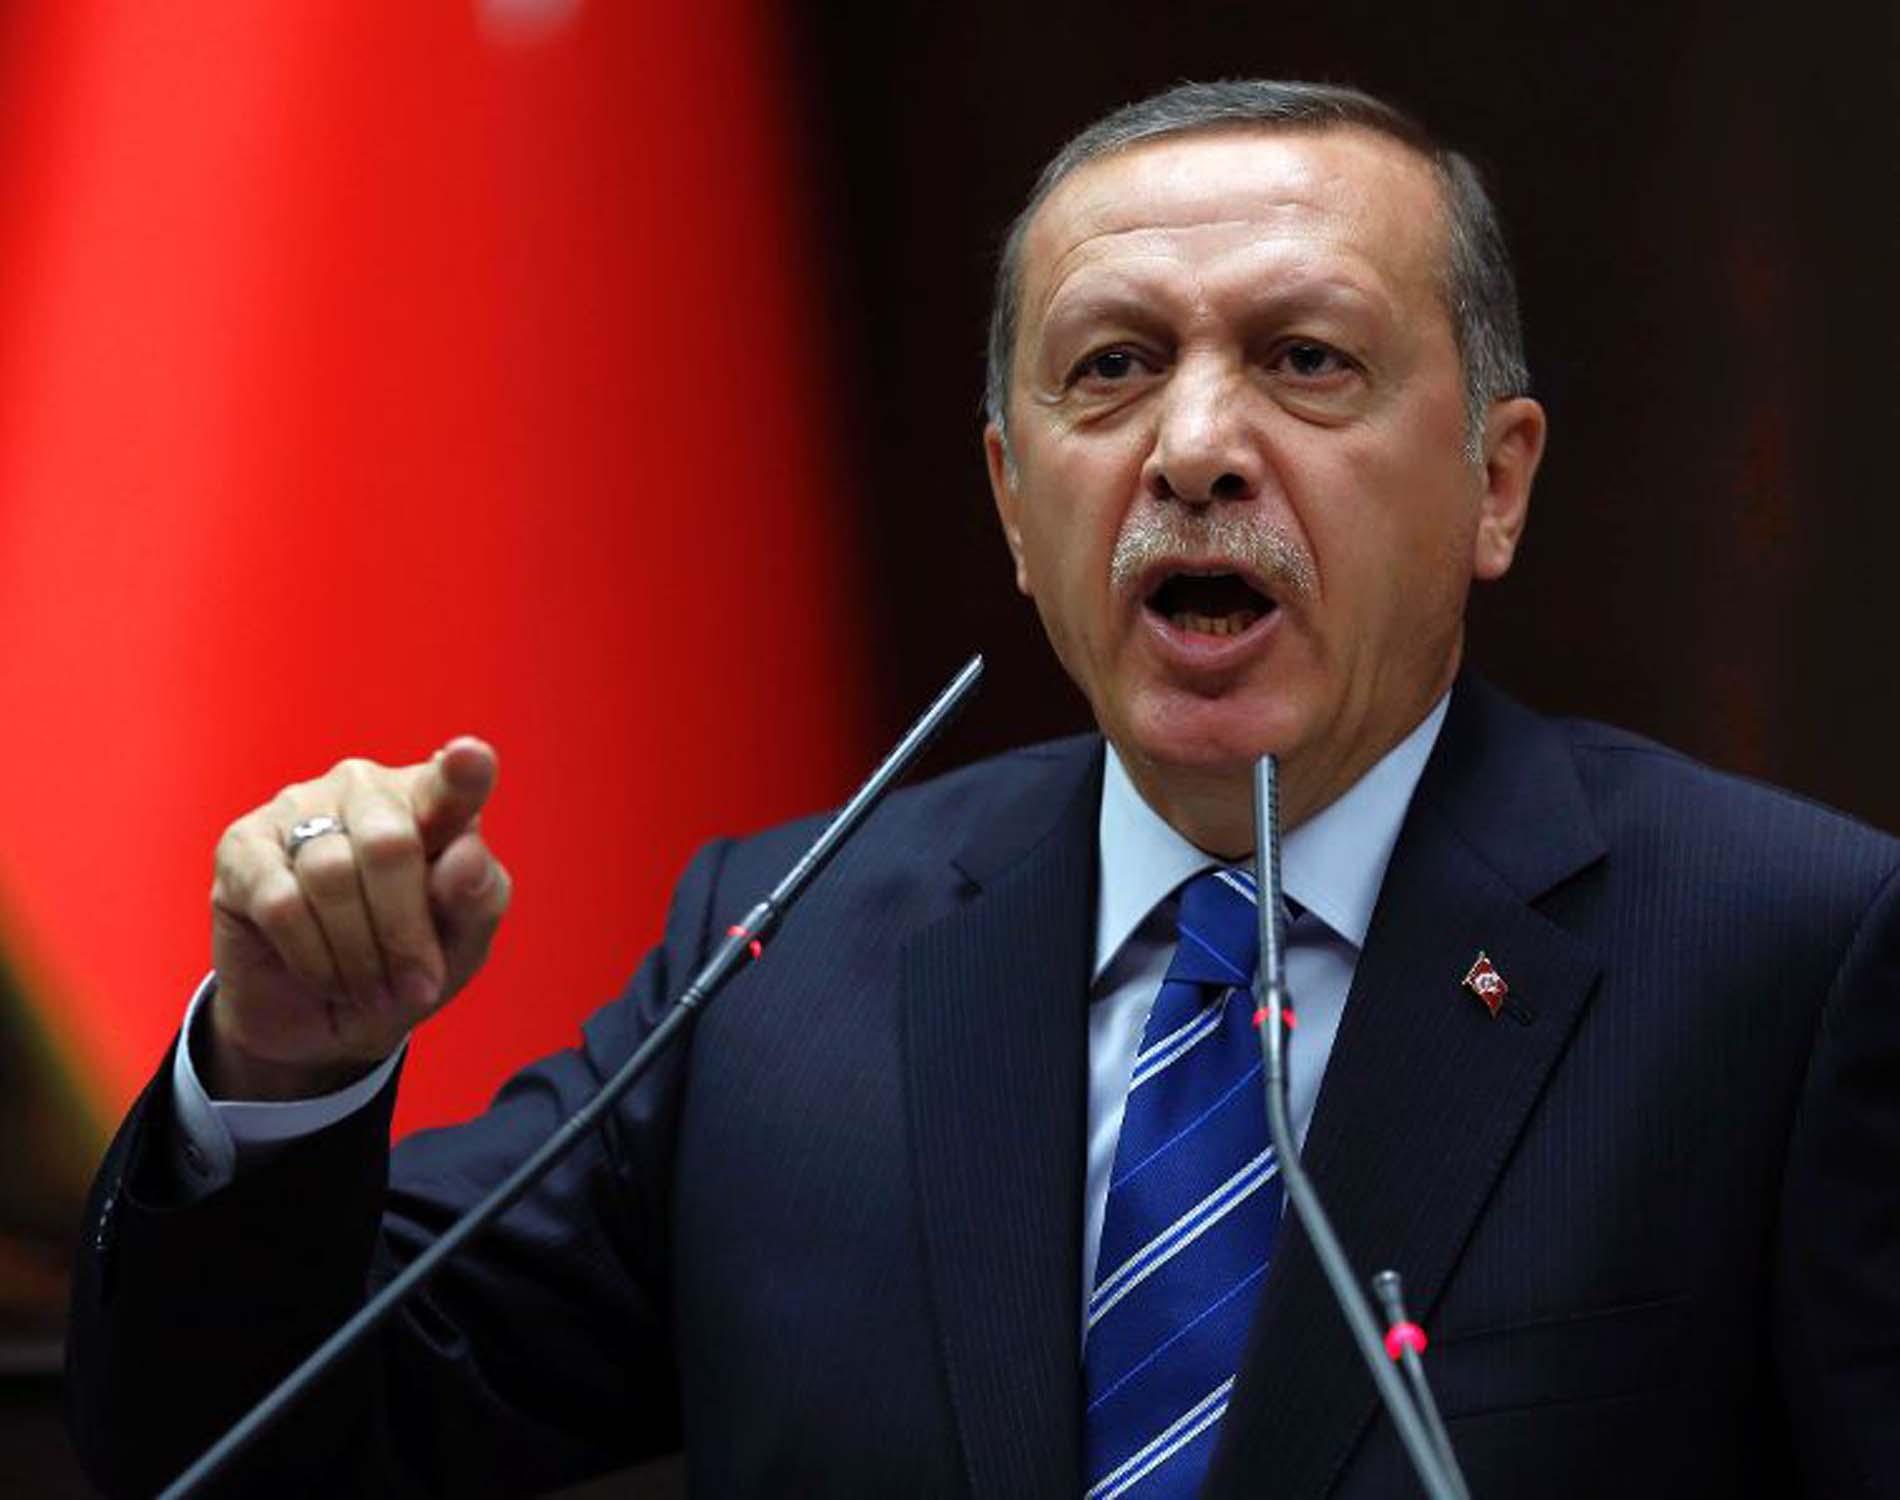 Cumhurbaşkanı Erdoğan'dan üniversite öğrencilerden fahiş kira ücreti isteyen ev sahipleri ve emlakçılara sert tepki: Zulmün önüne geçeceğiz!